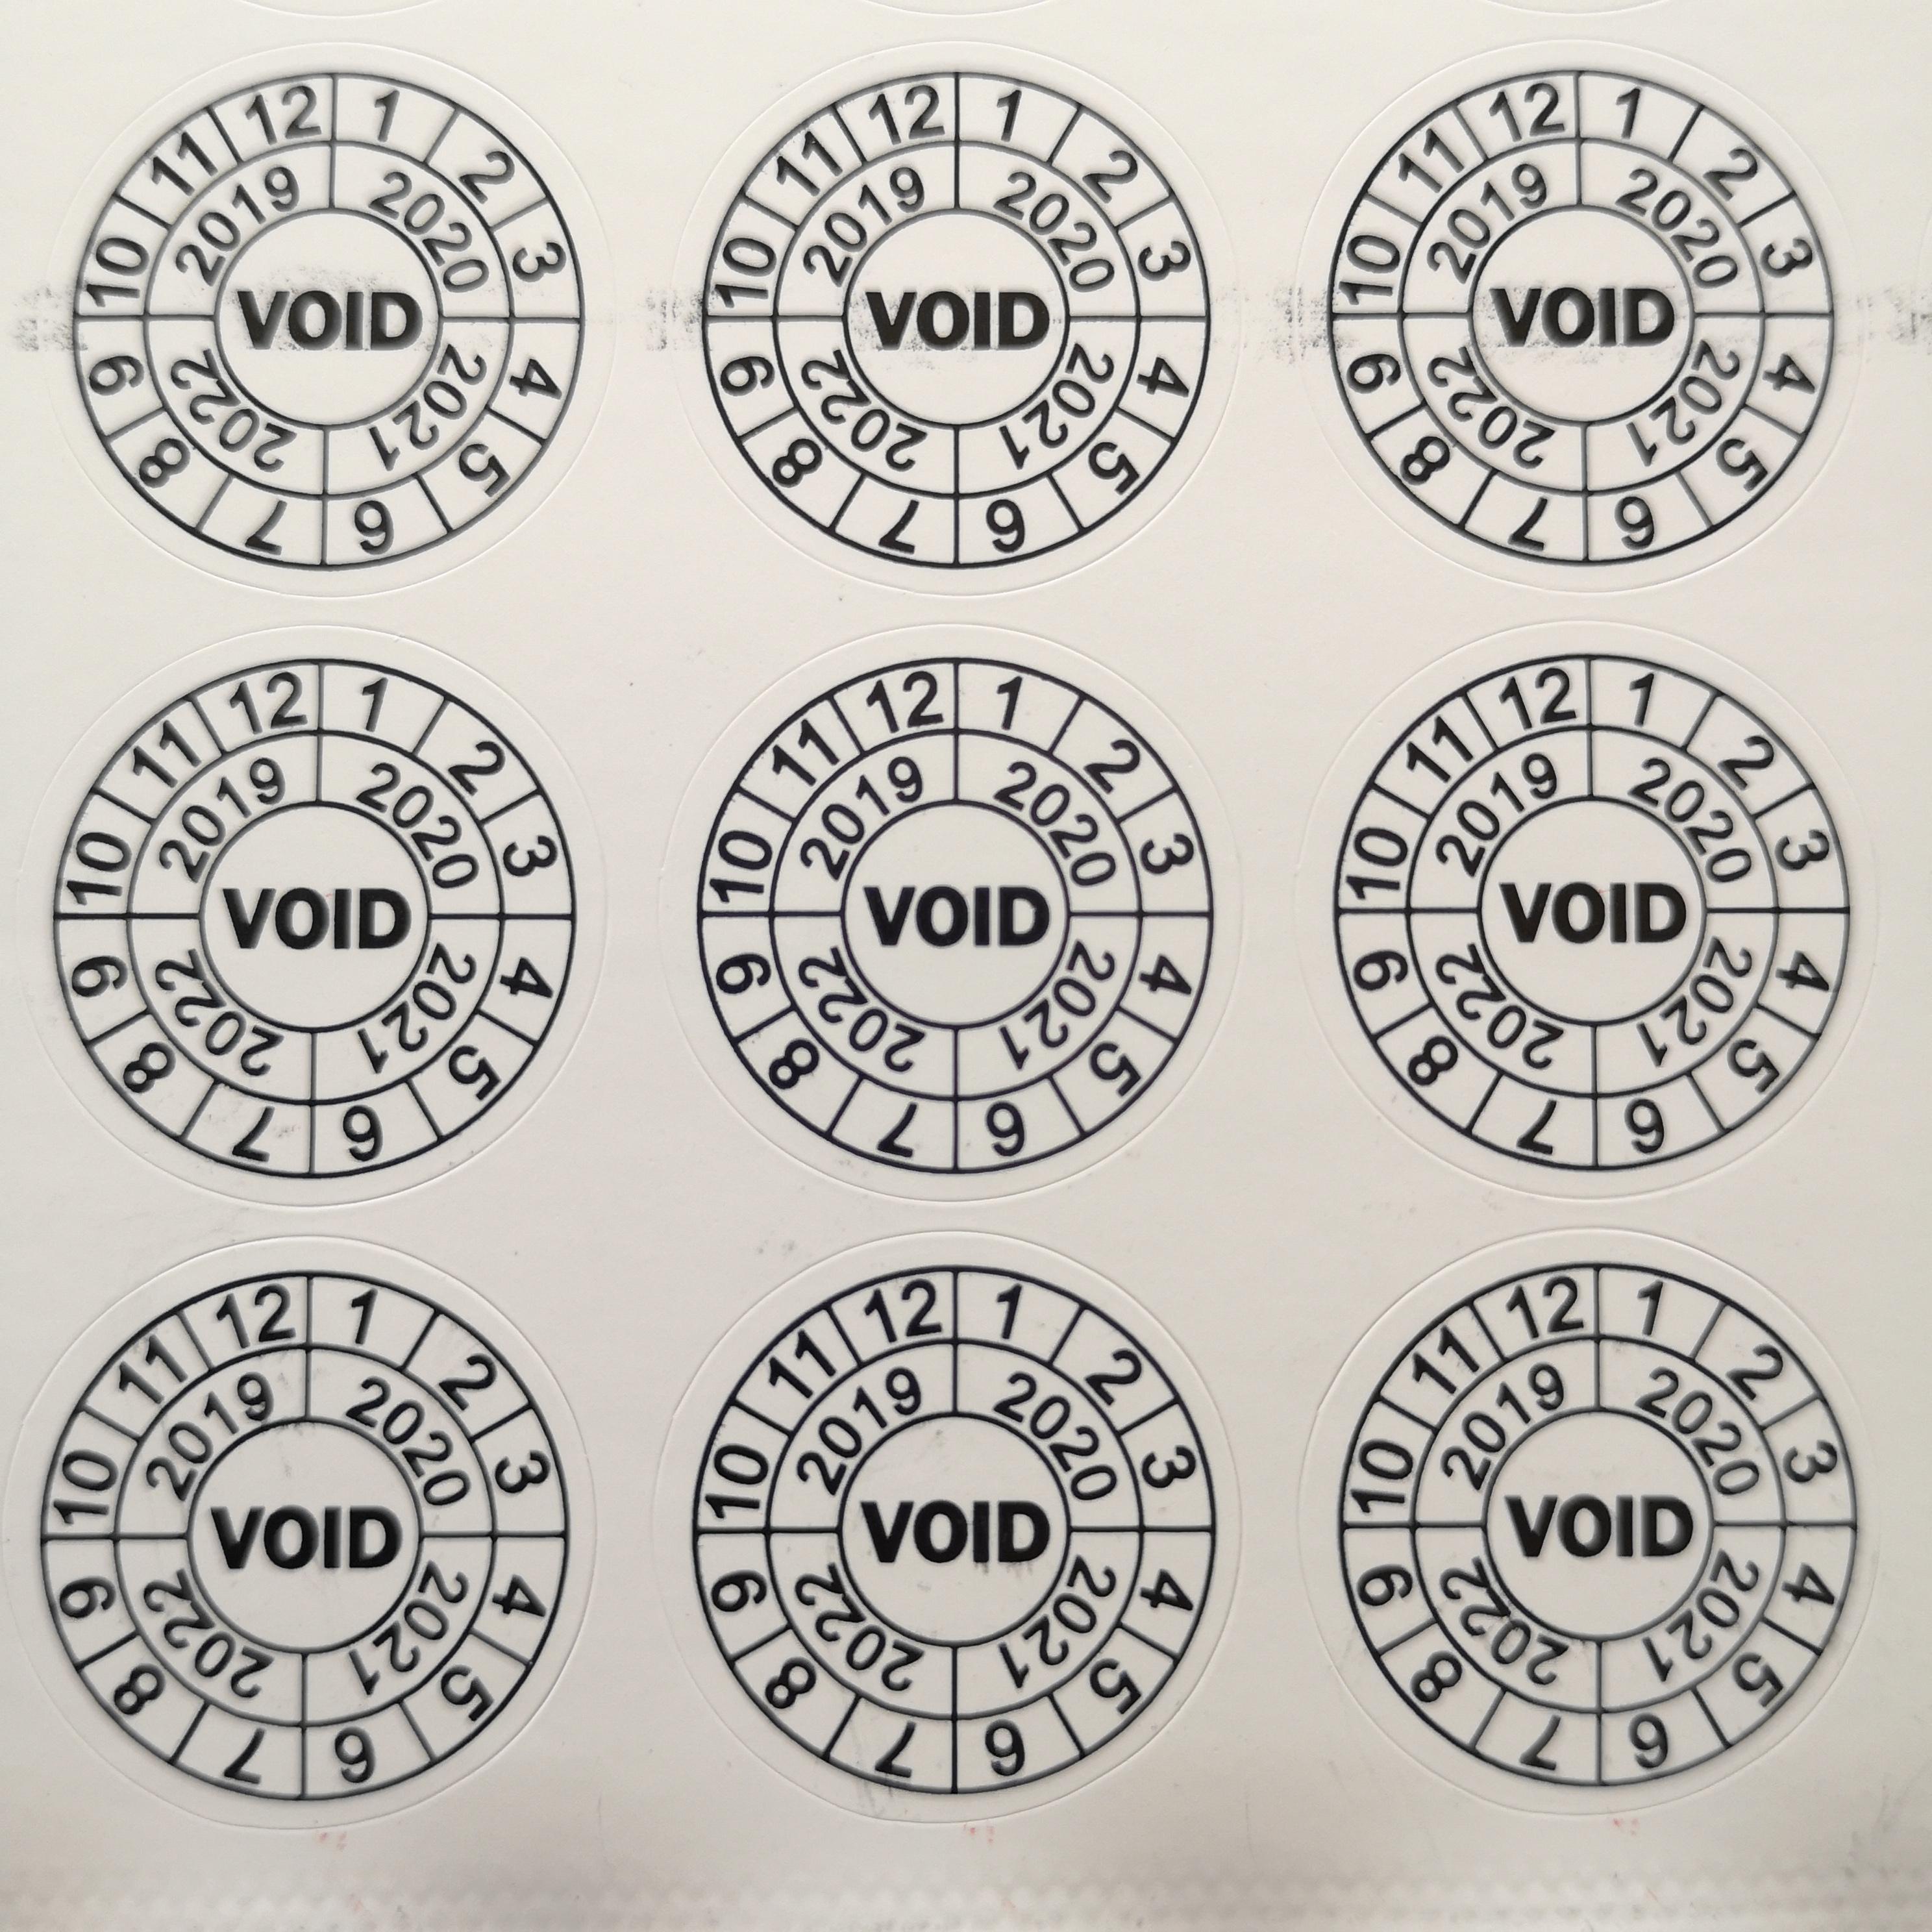 Garantía diámetro pcs 20mm 1000 VOID damageable etiqueta autoadhesiva de papel para el período de mantenimiento del producto, Artículo Nº V02